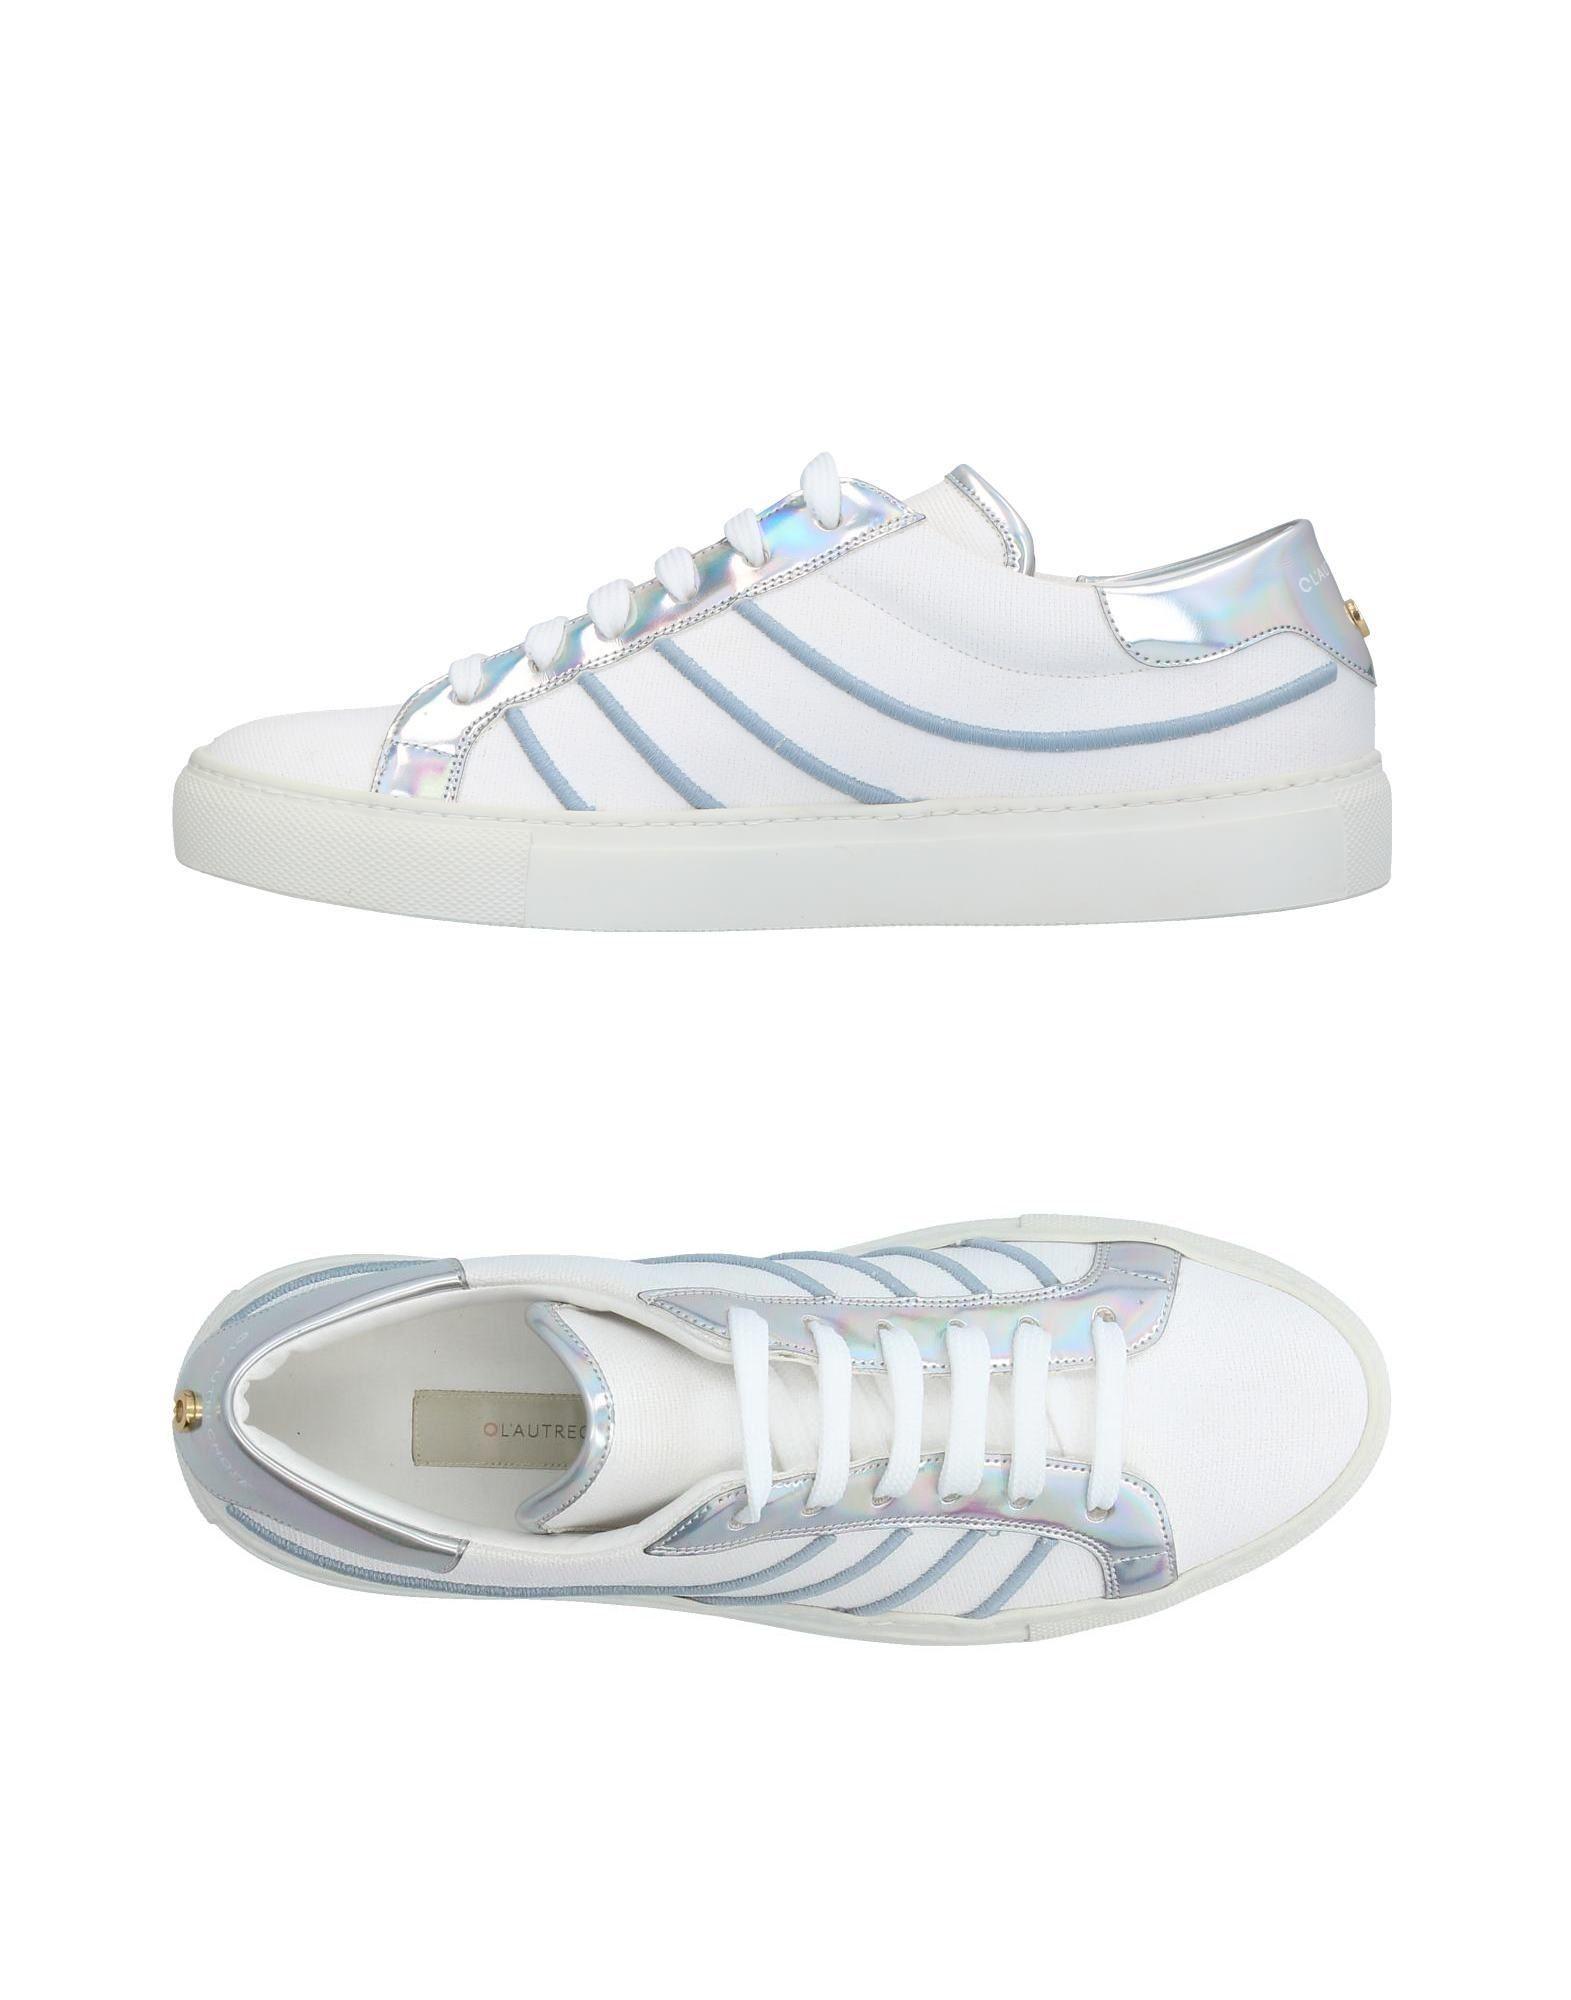 L' Autre Chose Qualität Sneakers Damen  11381286MR Gute Qualität Chose beliebte Schuhe 99c165